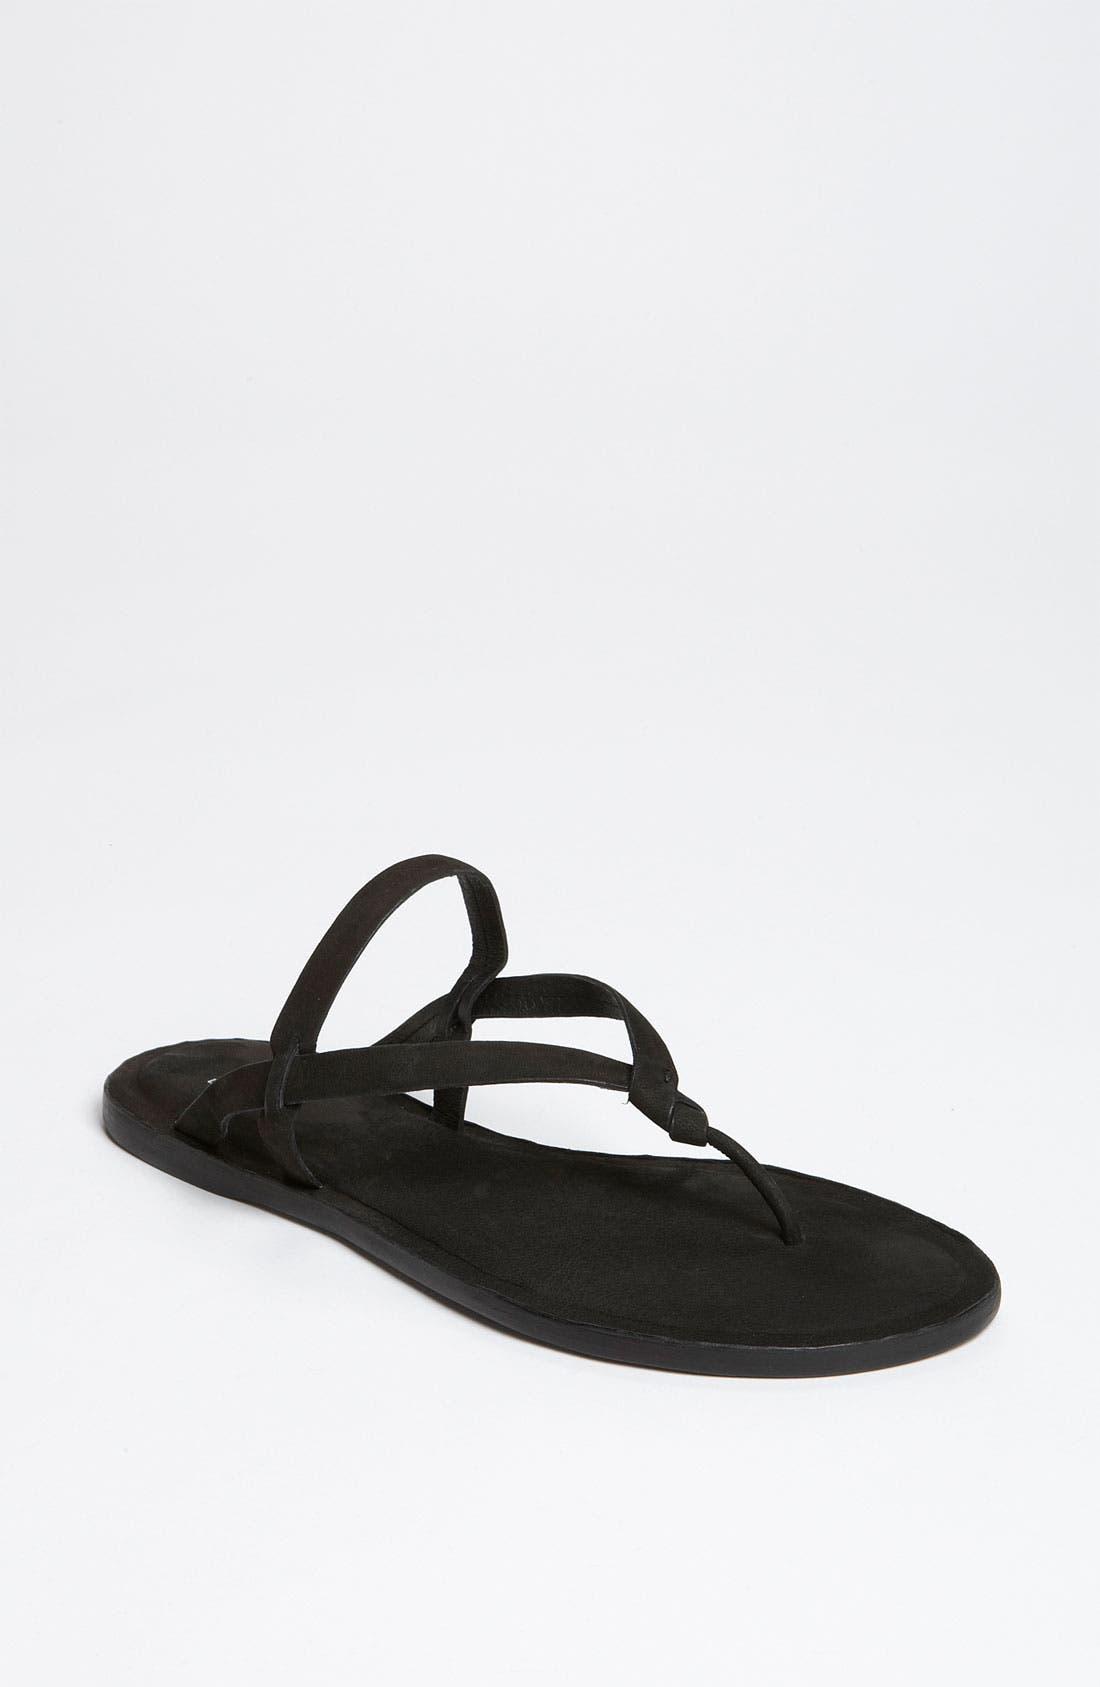 Alternate Image 1 Selected - Eileen Fisher 'Bare' Sandal